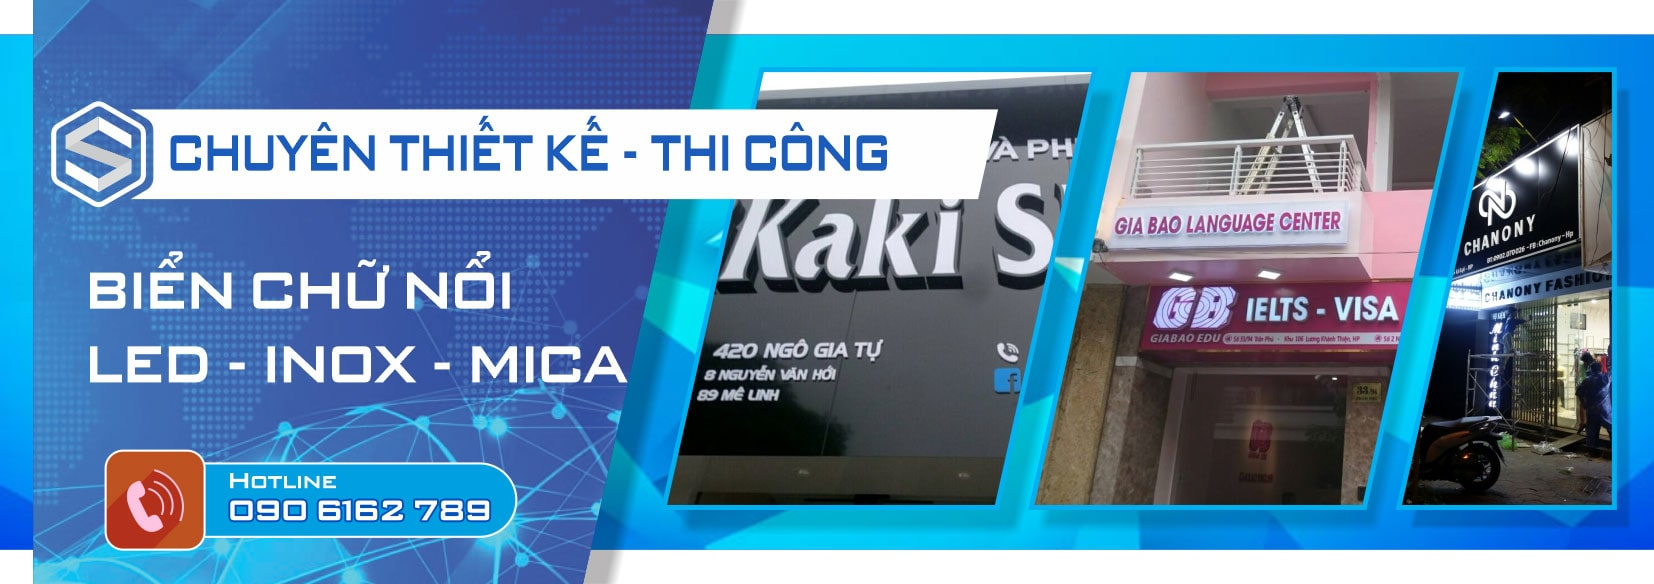 Công ty TNHH Quảng Cáo & Thương Mại S Việt Nam